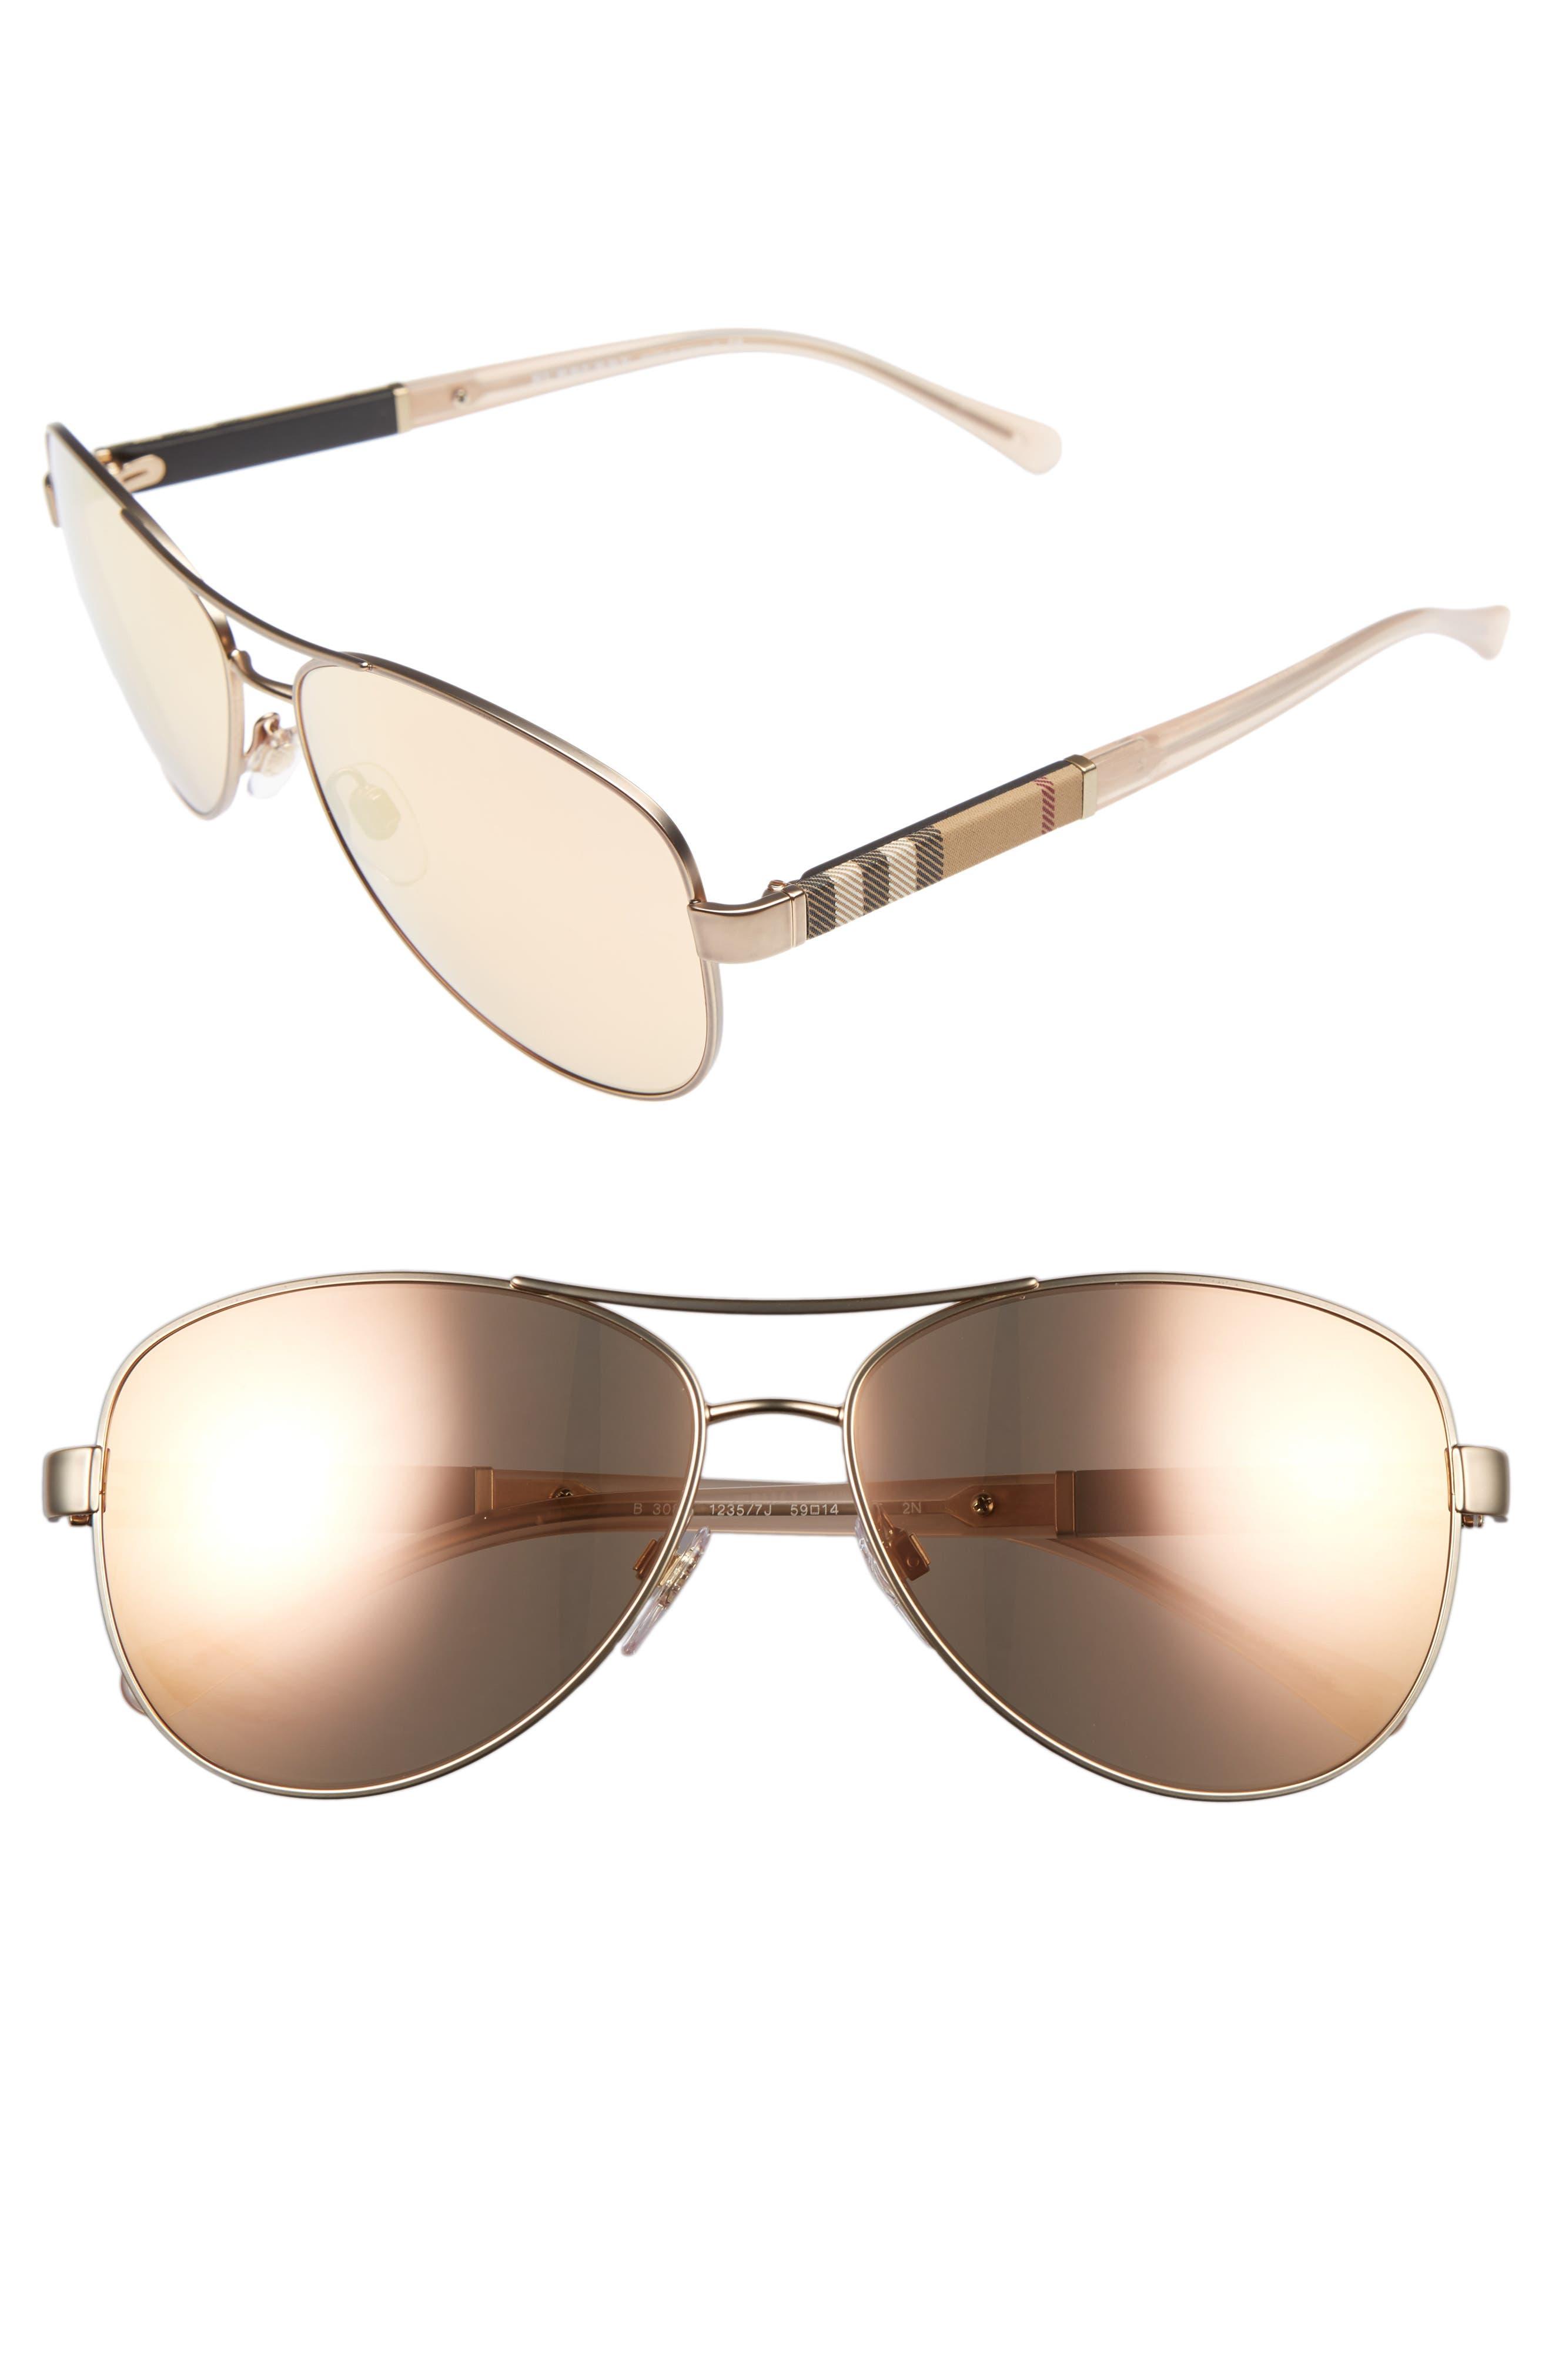 Main Image - Burberry 59mm Mirrored Aviator Sunglasses